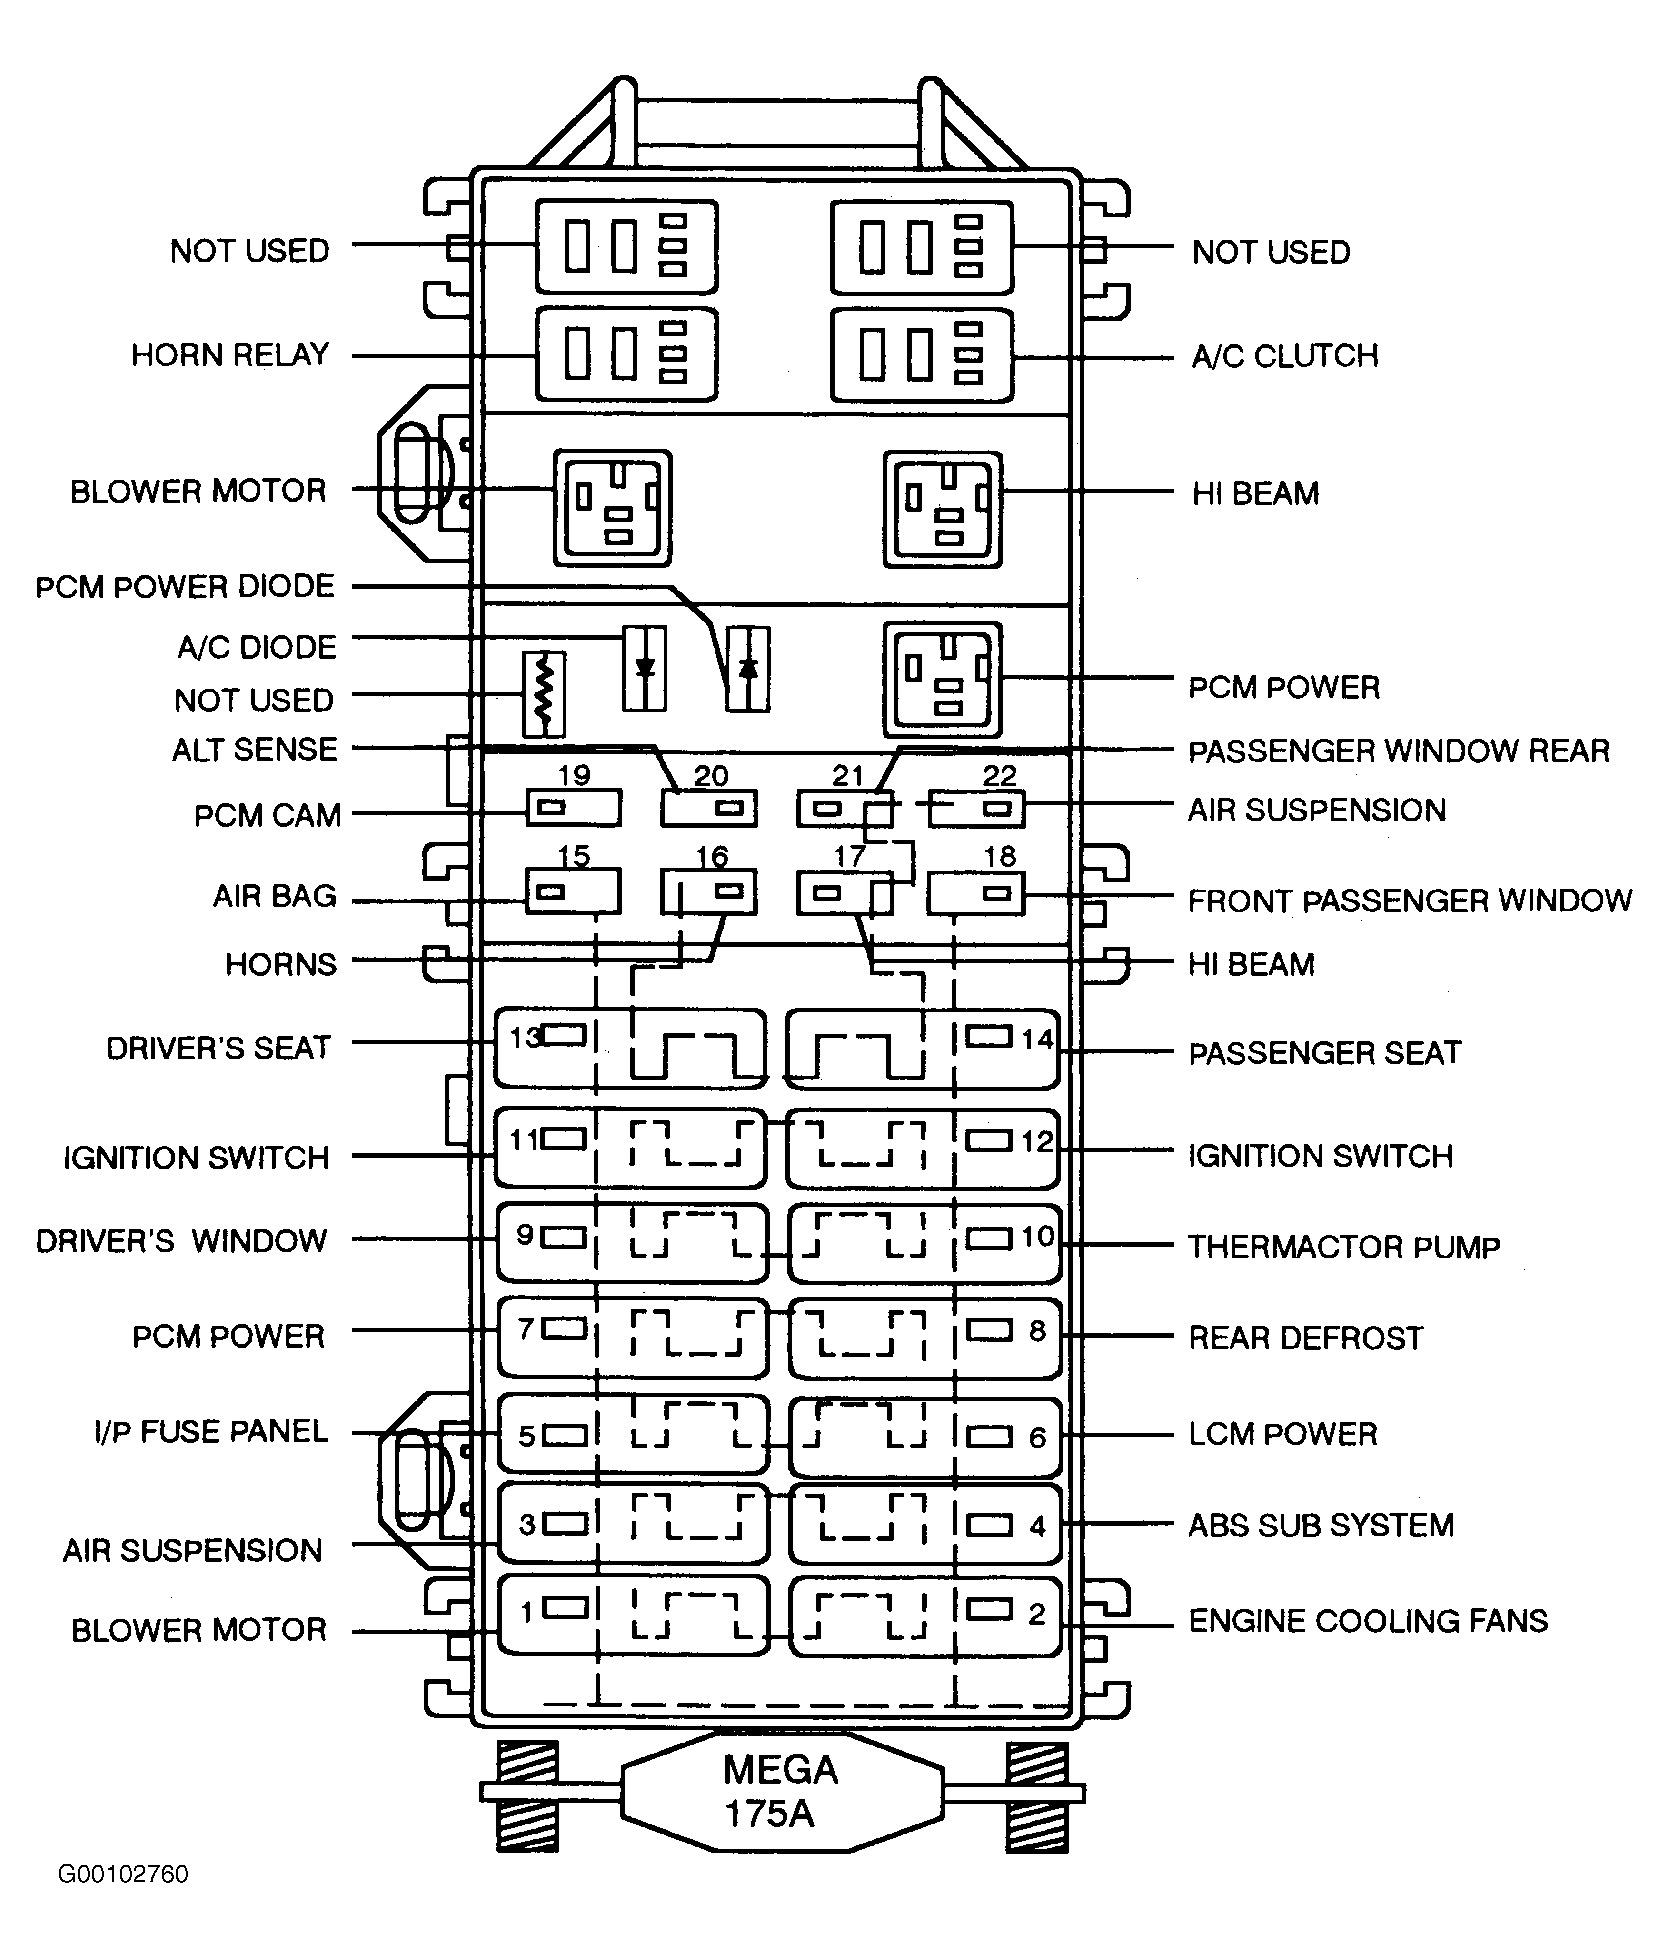 [SCHEMATICS_4PO]  FD_5041] Lincoln Town Car Wiring Diagram 1993 Lincoln Town Car Radio Wiring  Free Diagram | 1993 Lincoln Town Car Wiring Schematic |  | Ophen Stica Proe Iness Osuri Garna Mohammedshrine Librar Wiring 101